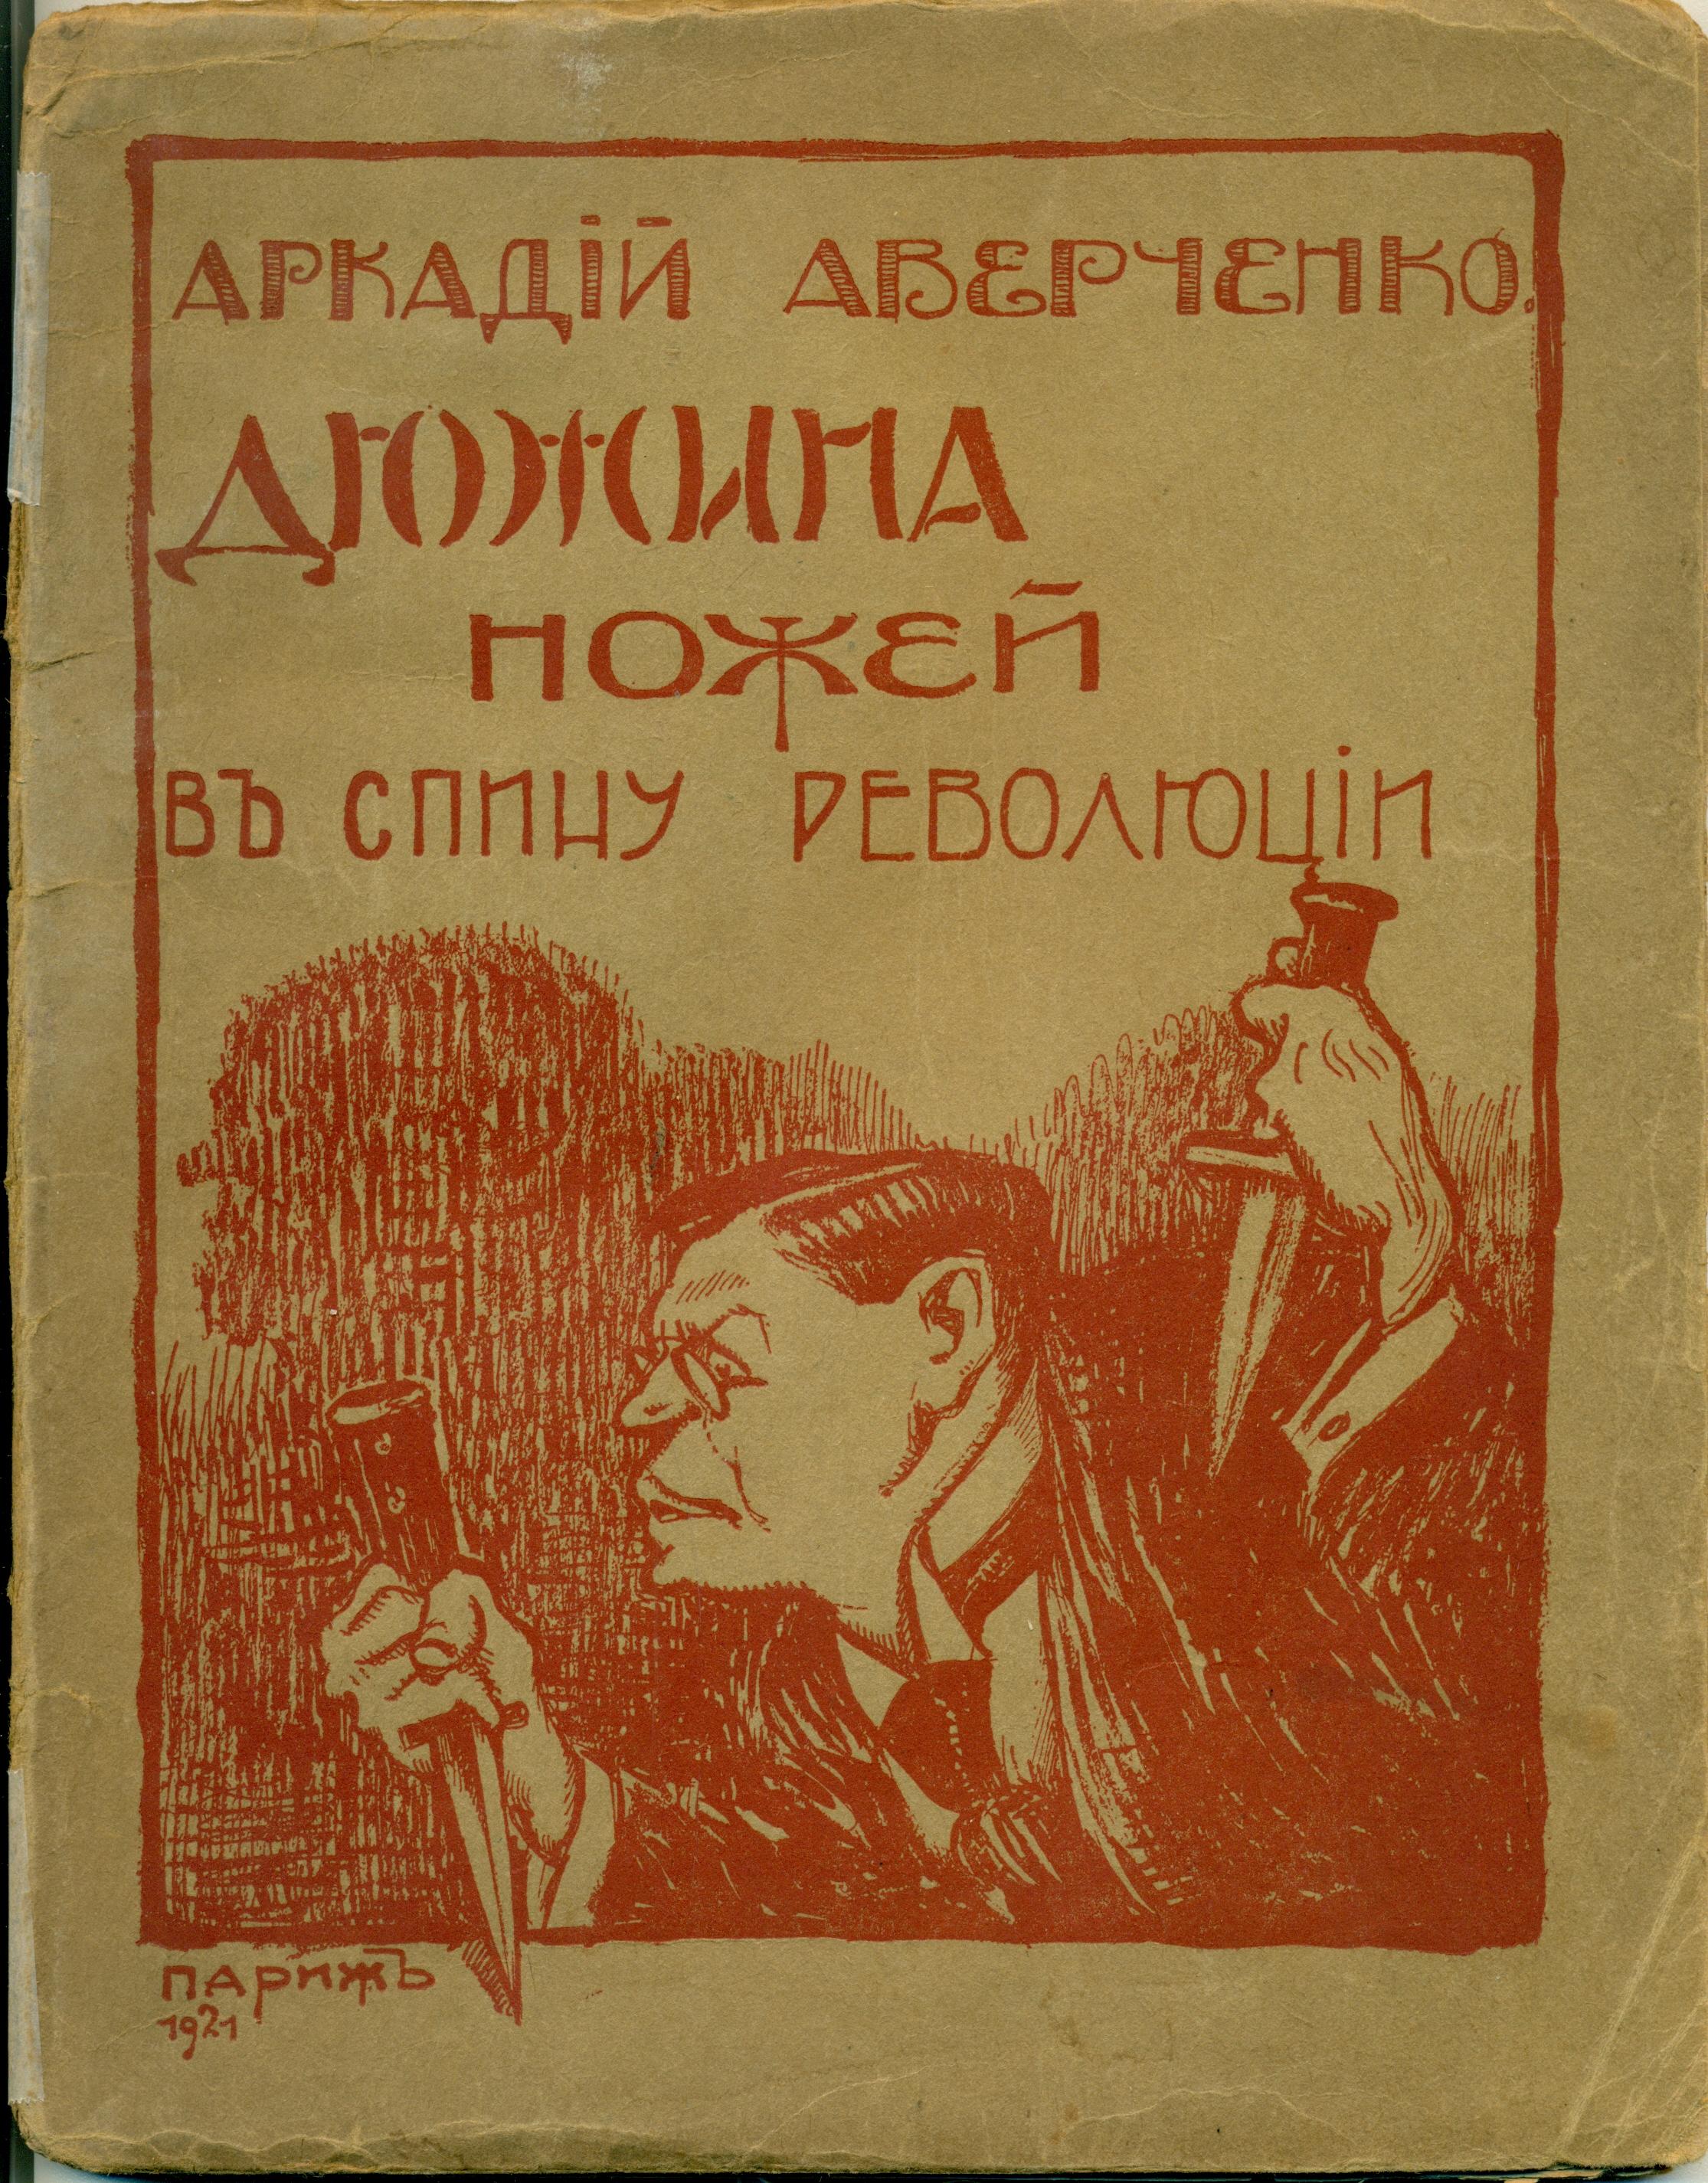 Cover of Diuzhina nozhei